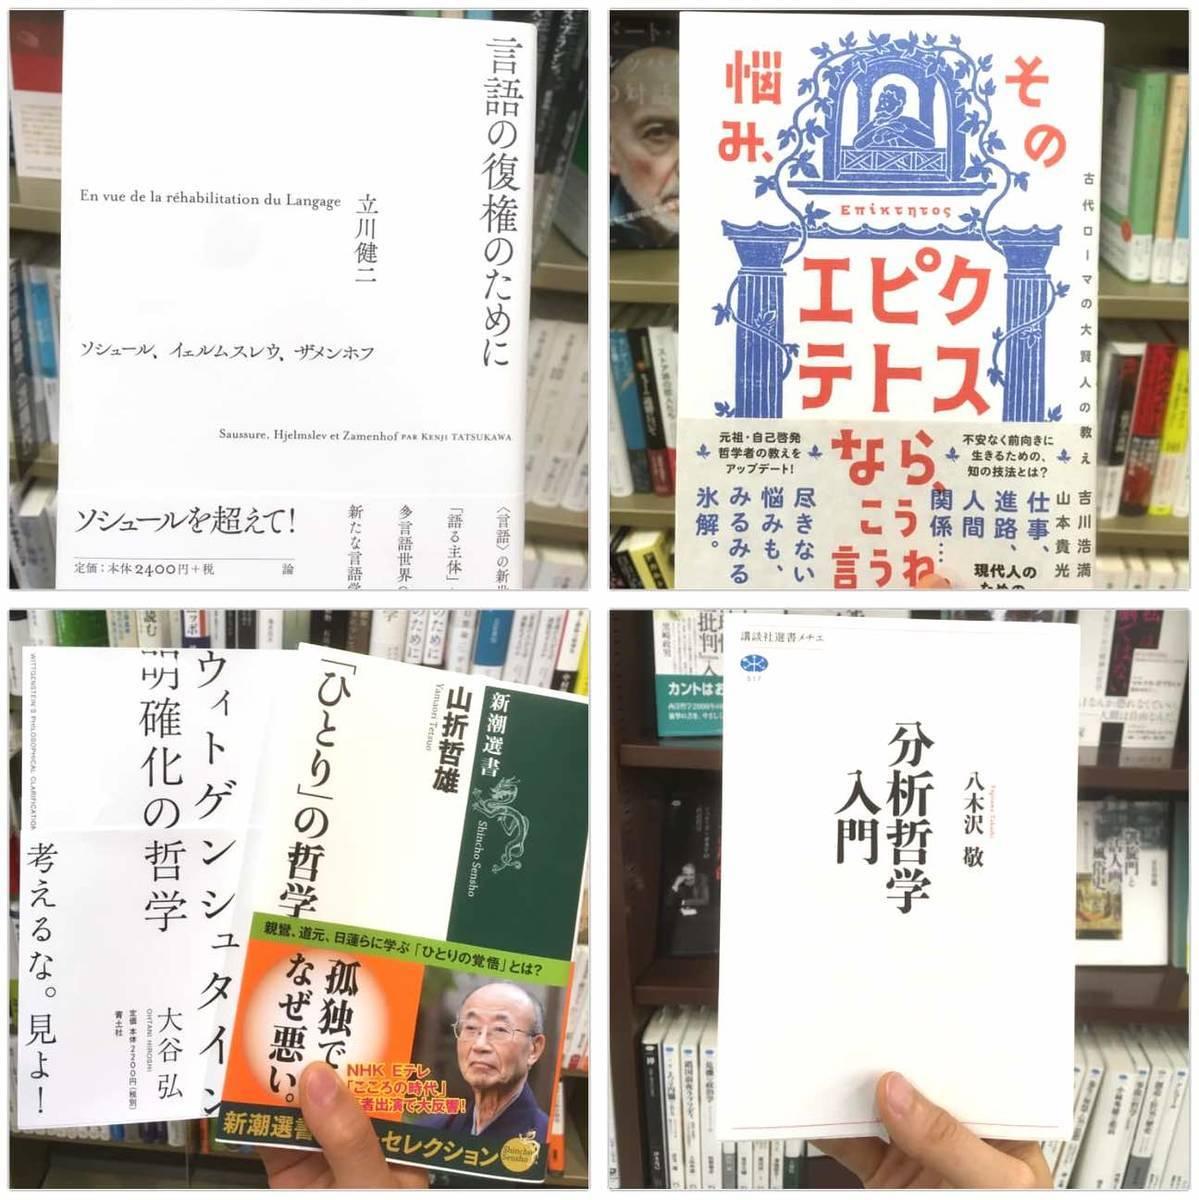 f:id:kaedetaniyoshi:20201019033302j:plain